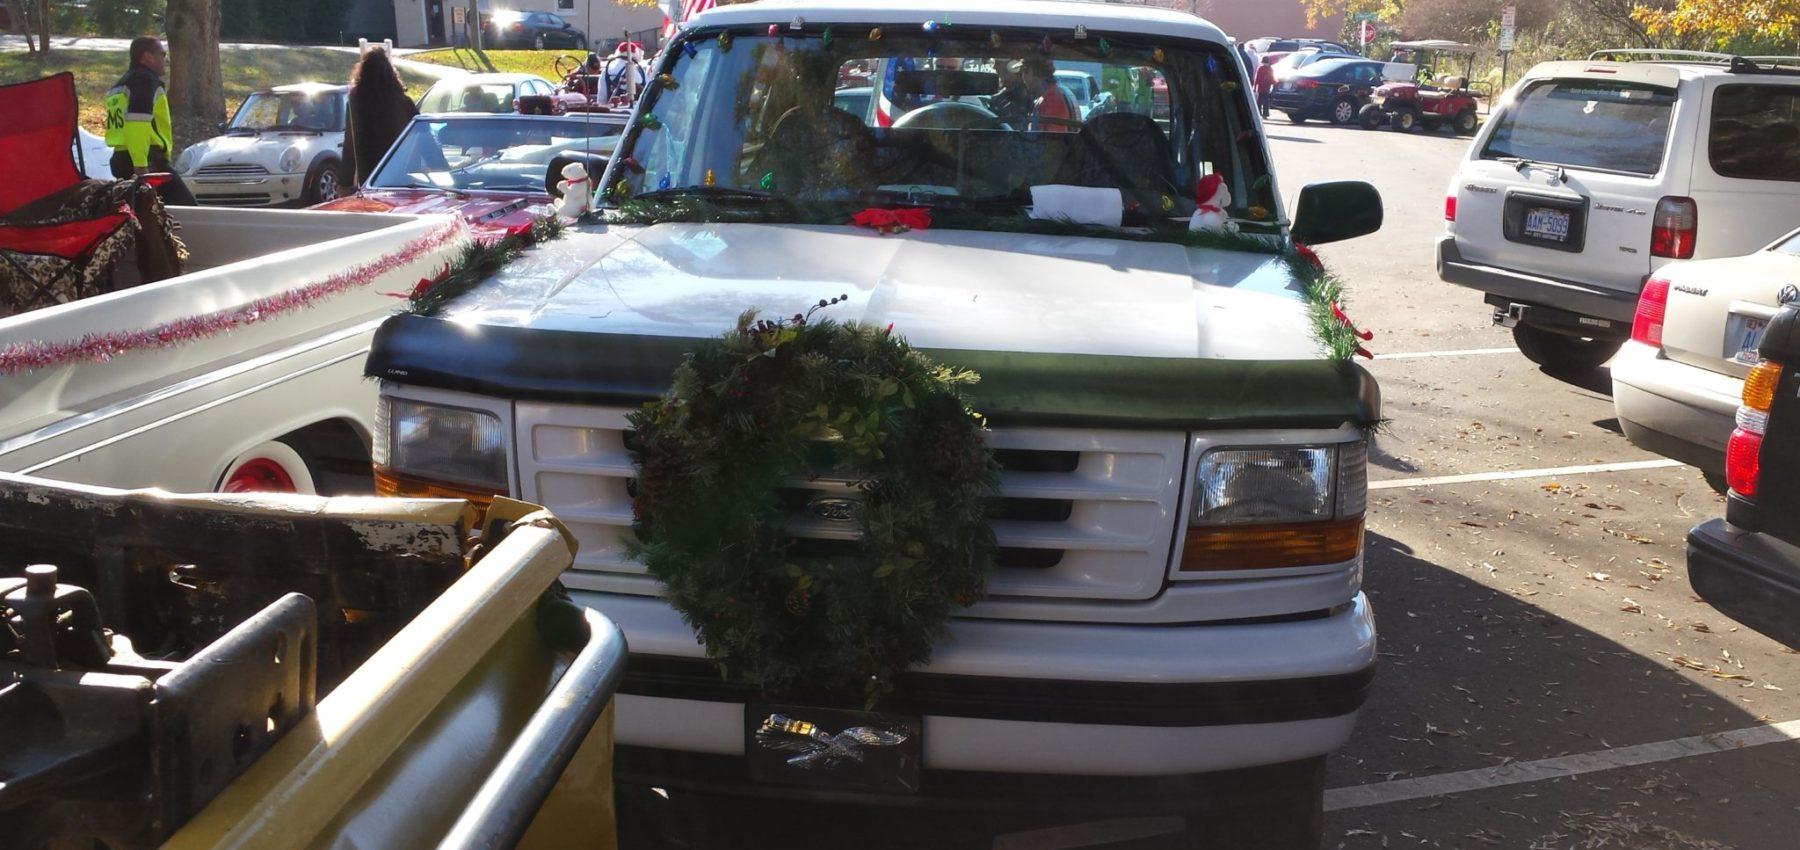 central North Carolina 4x4 Christmas parade